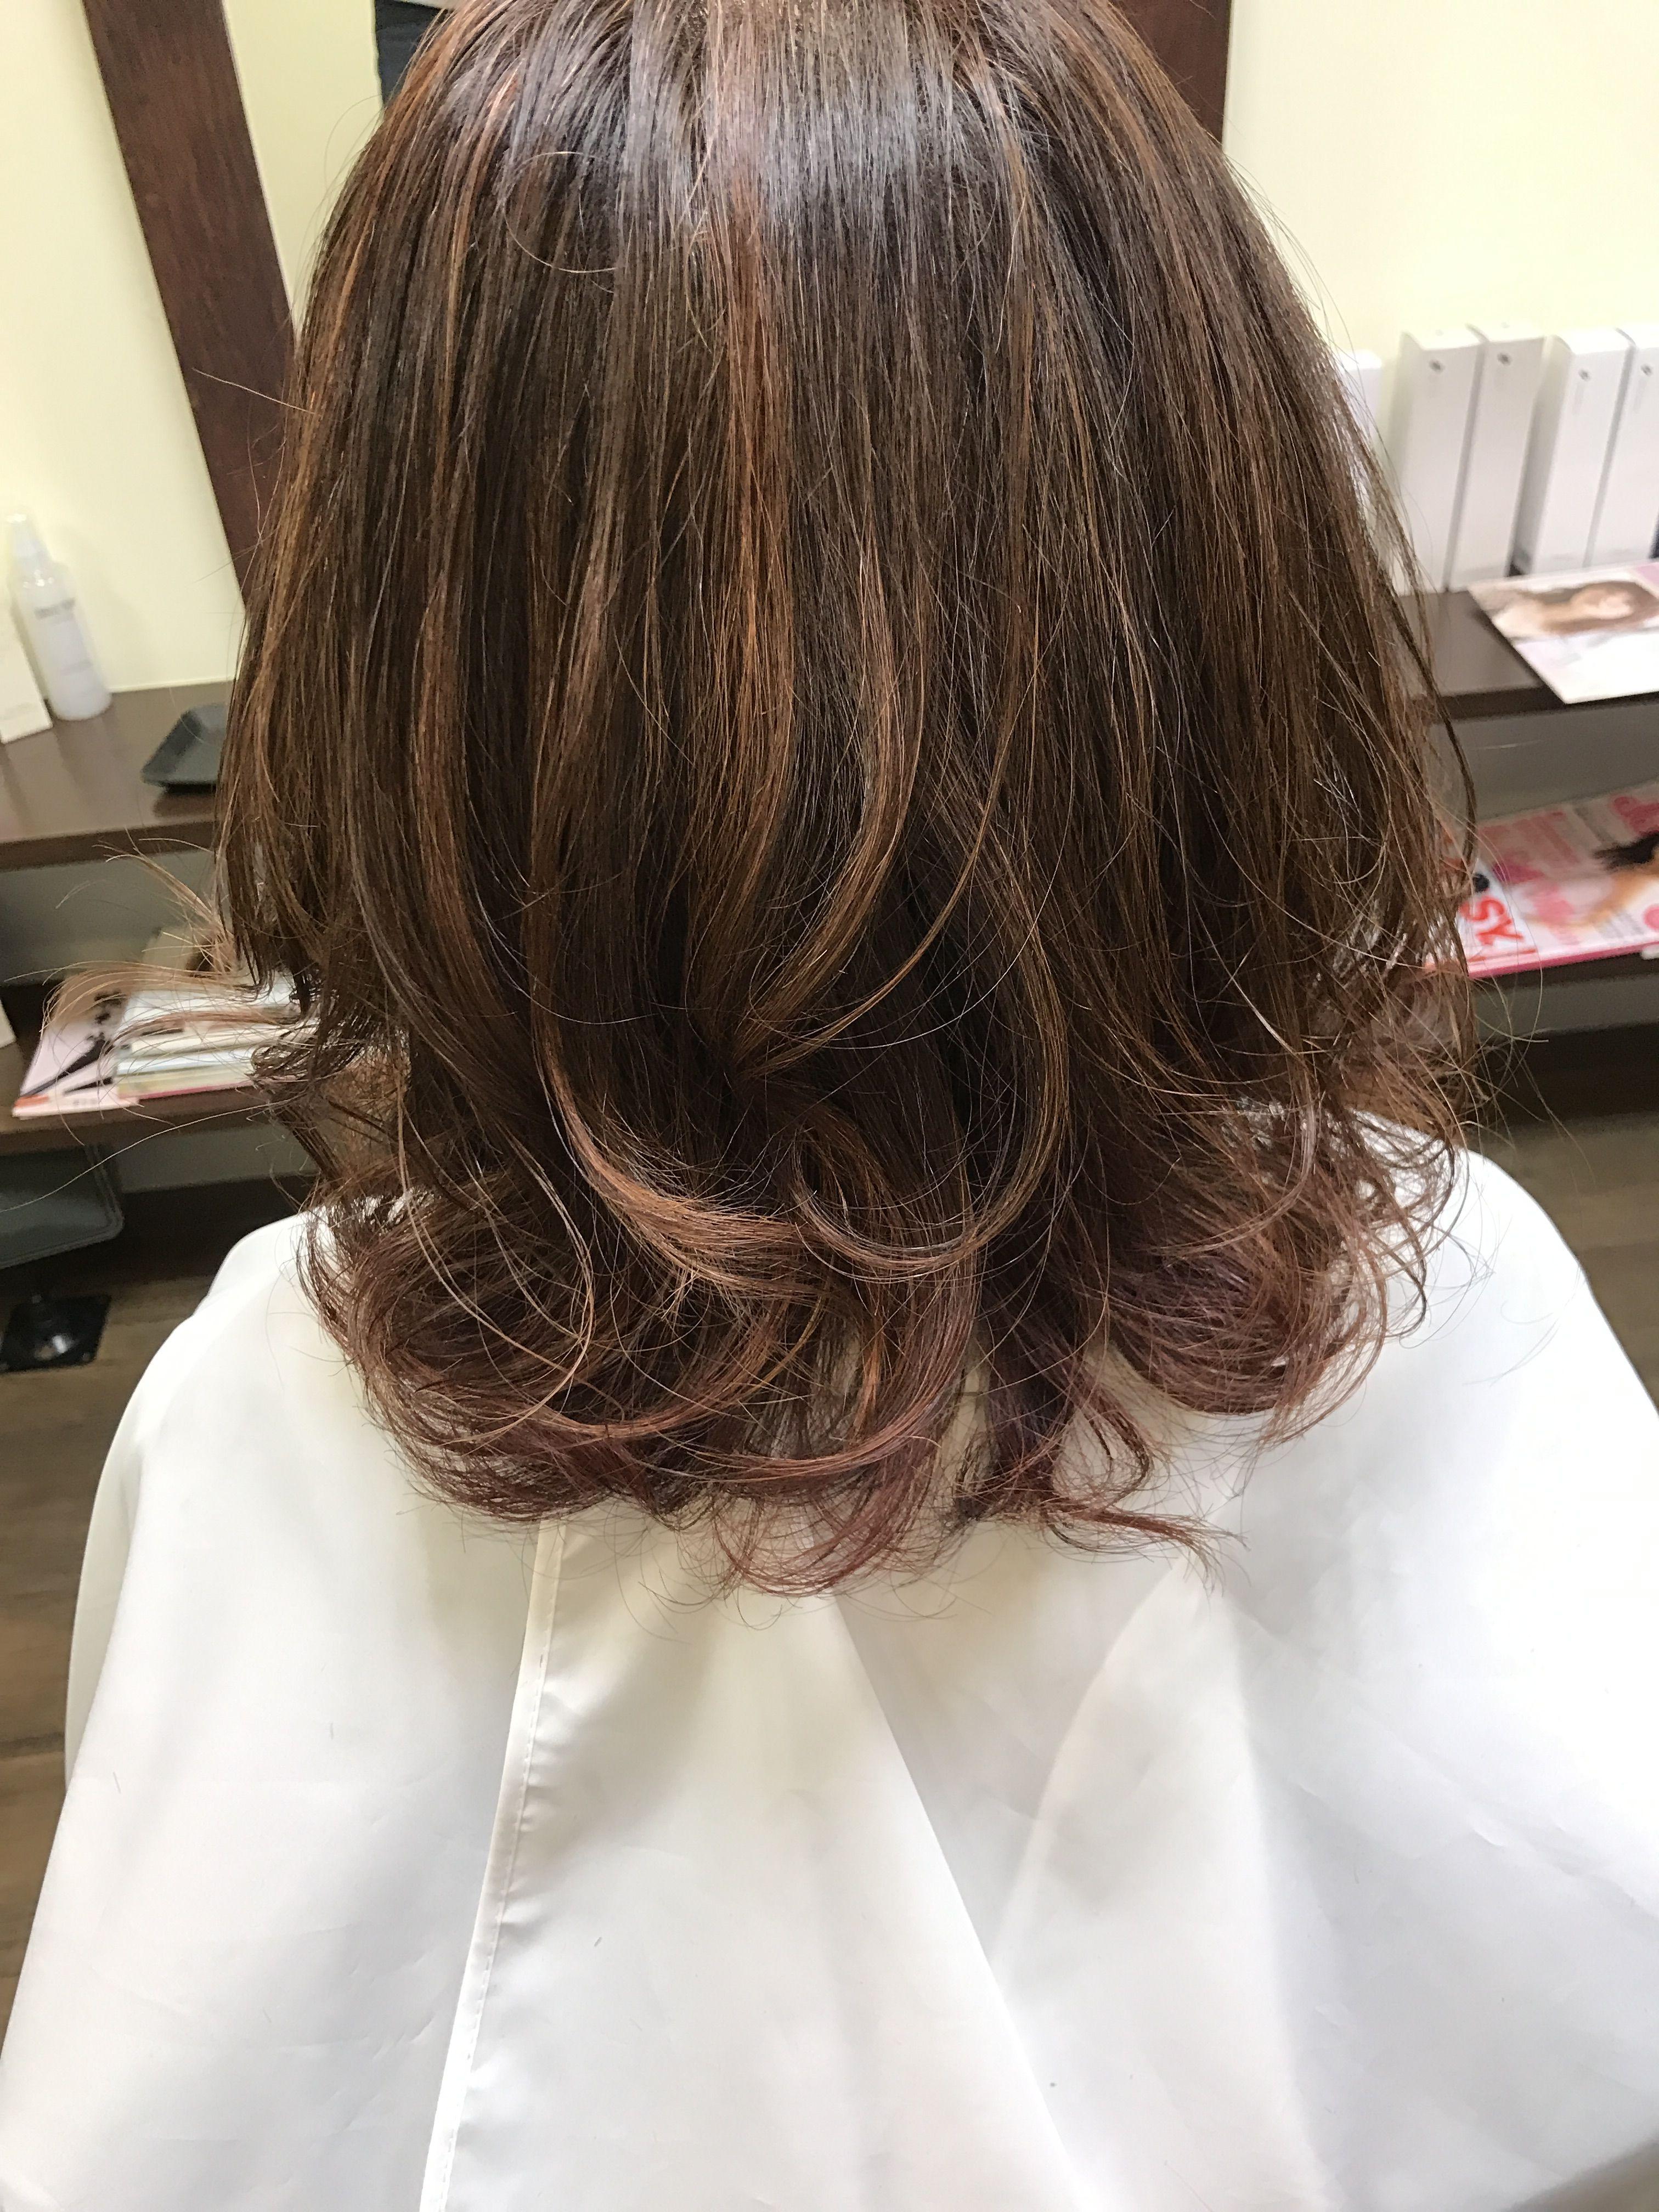 前髪 縮毛矯正 カラーリング 襟足 グラデーション 表面 ホイル